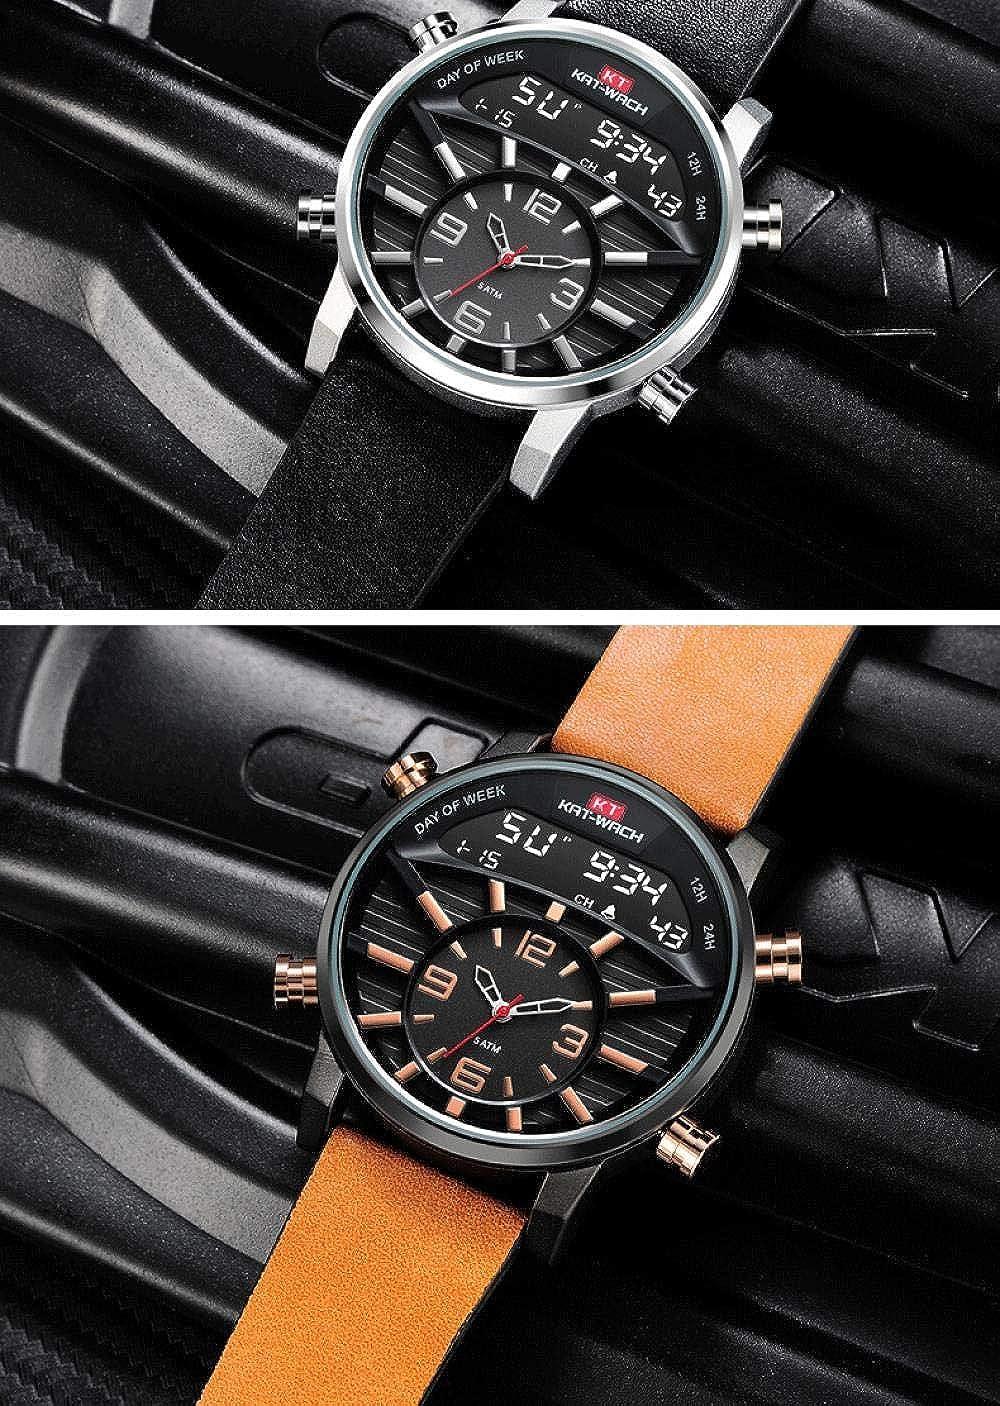 Montres Bracelet,Grand Pointeur De Cadran + Montre À Quartz De Sport Étanche À Double Affichage Numérique R